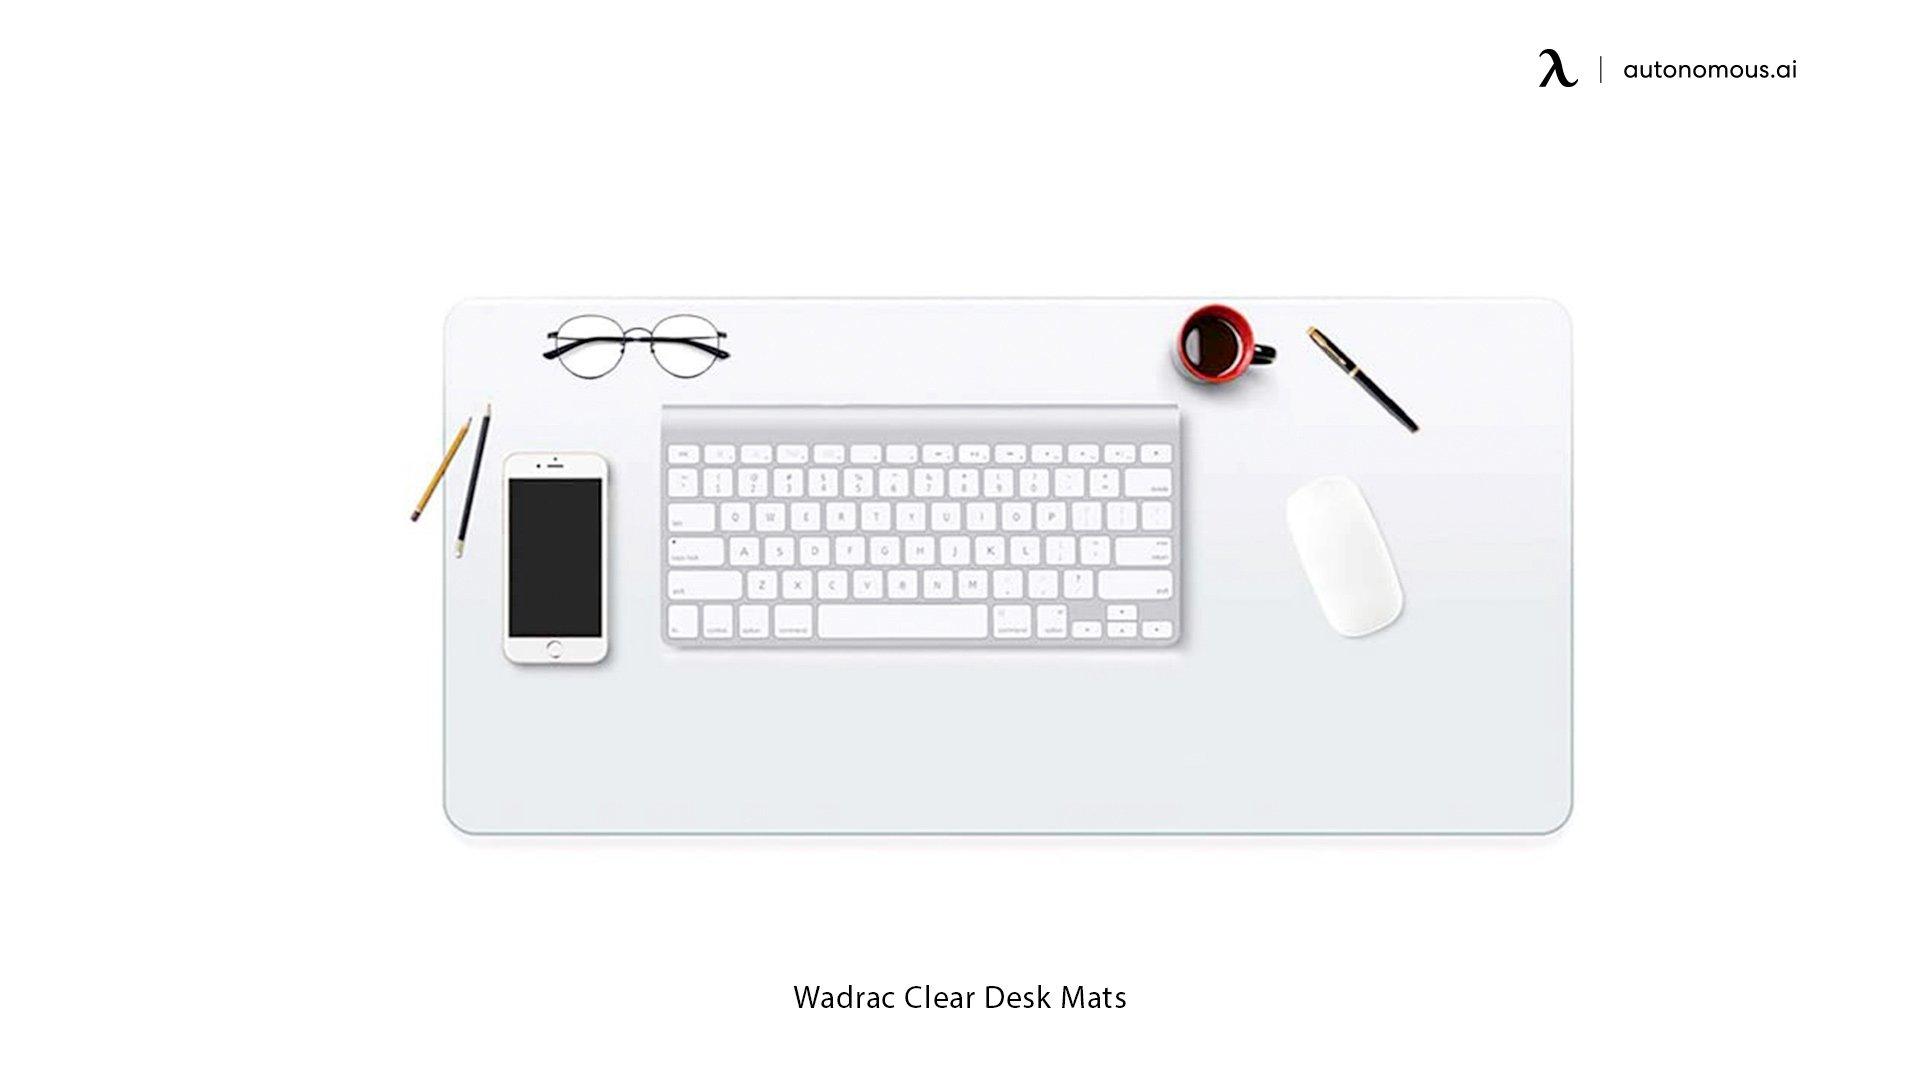 Clear Desk Mats